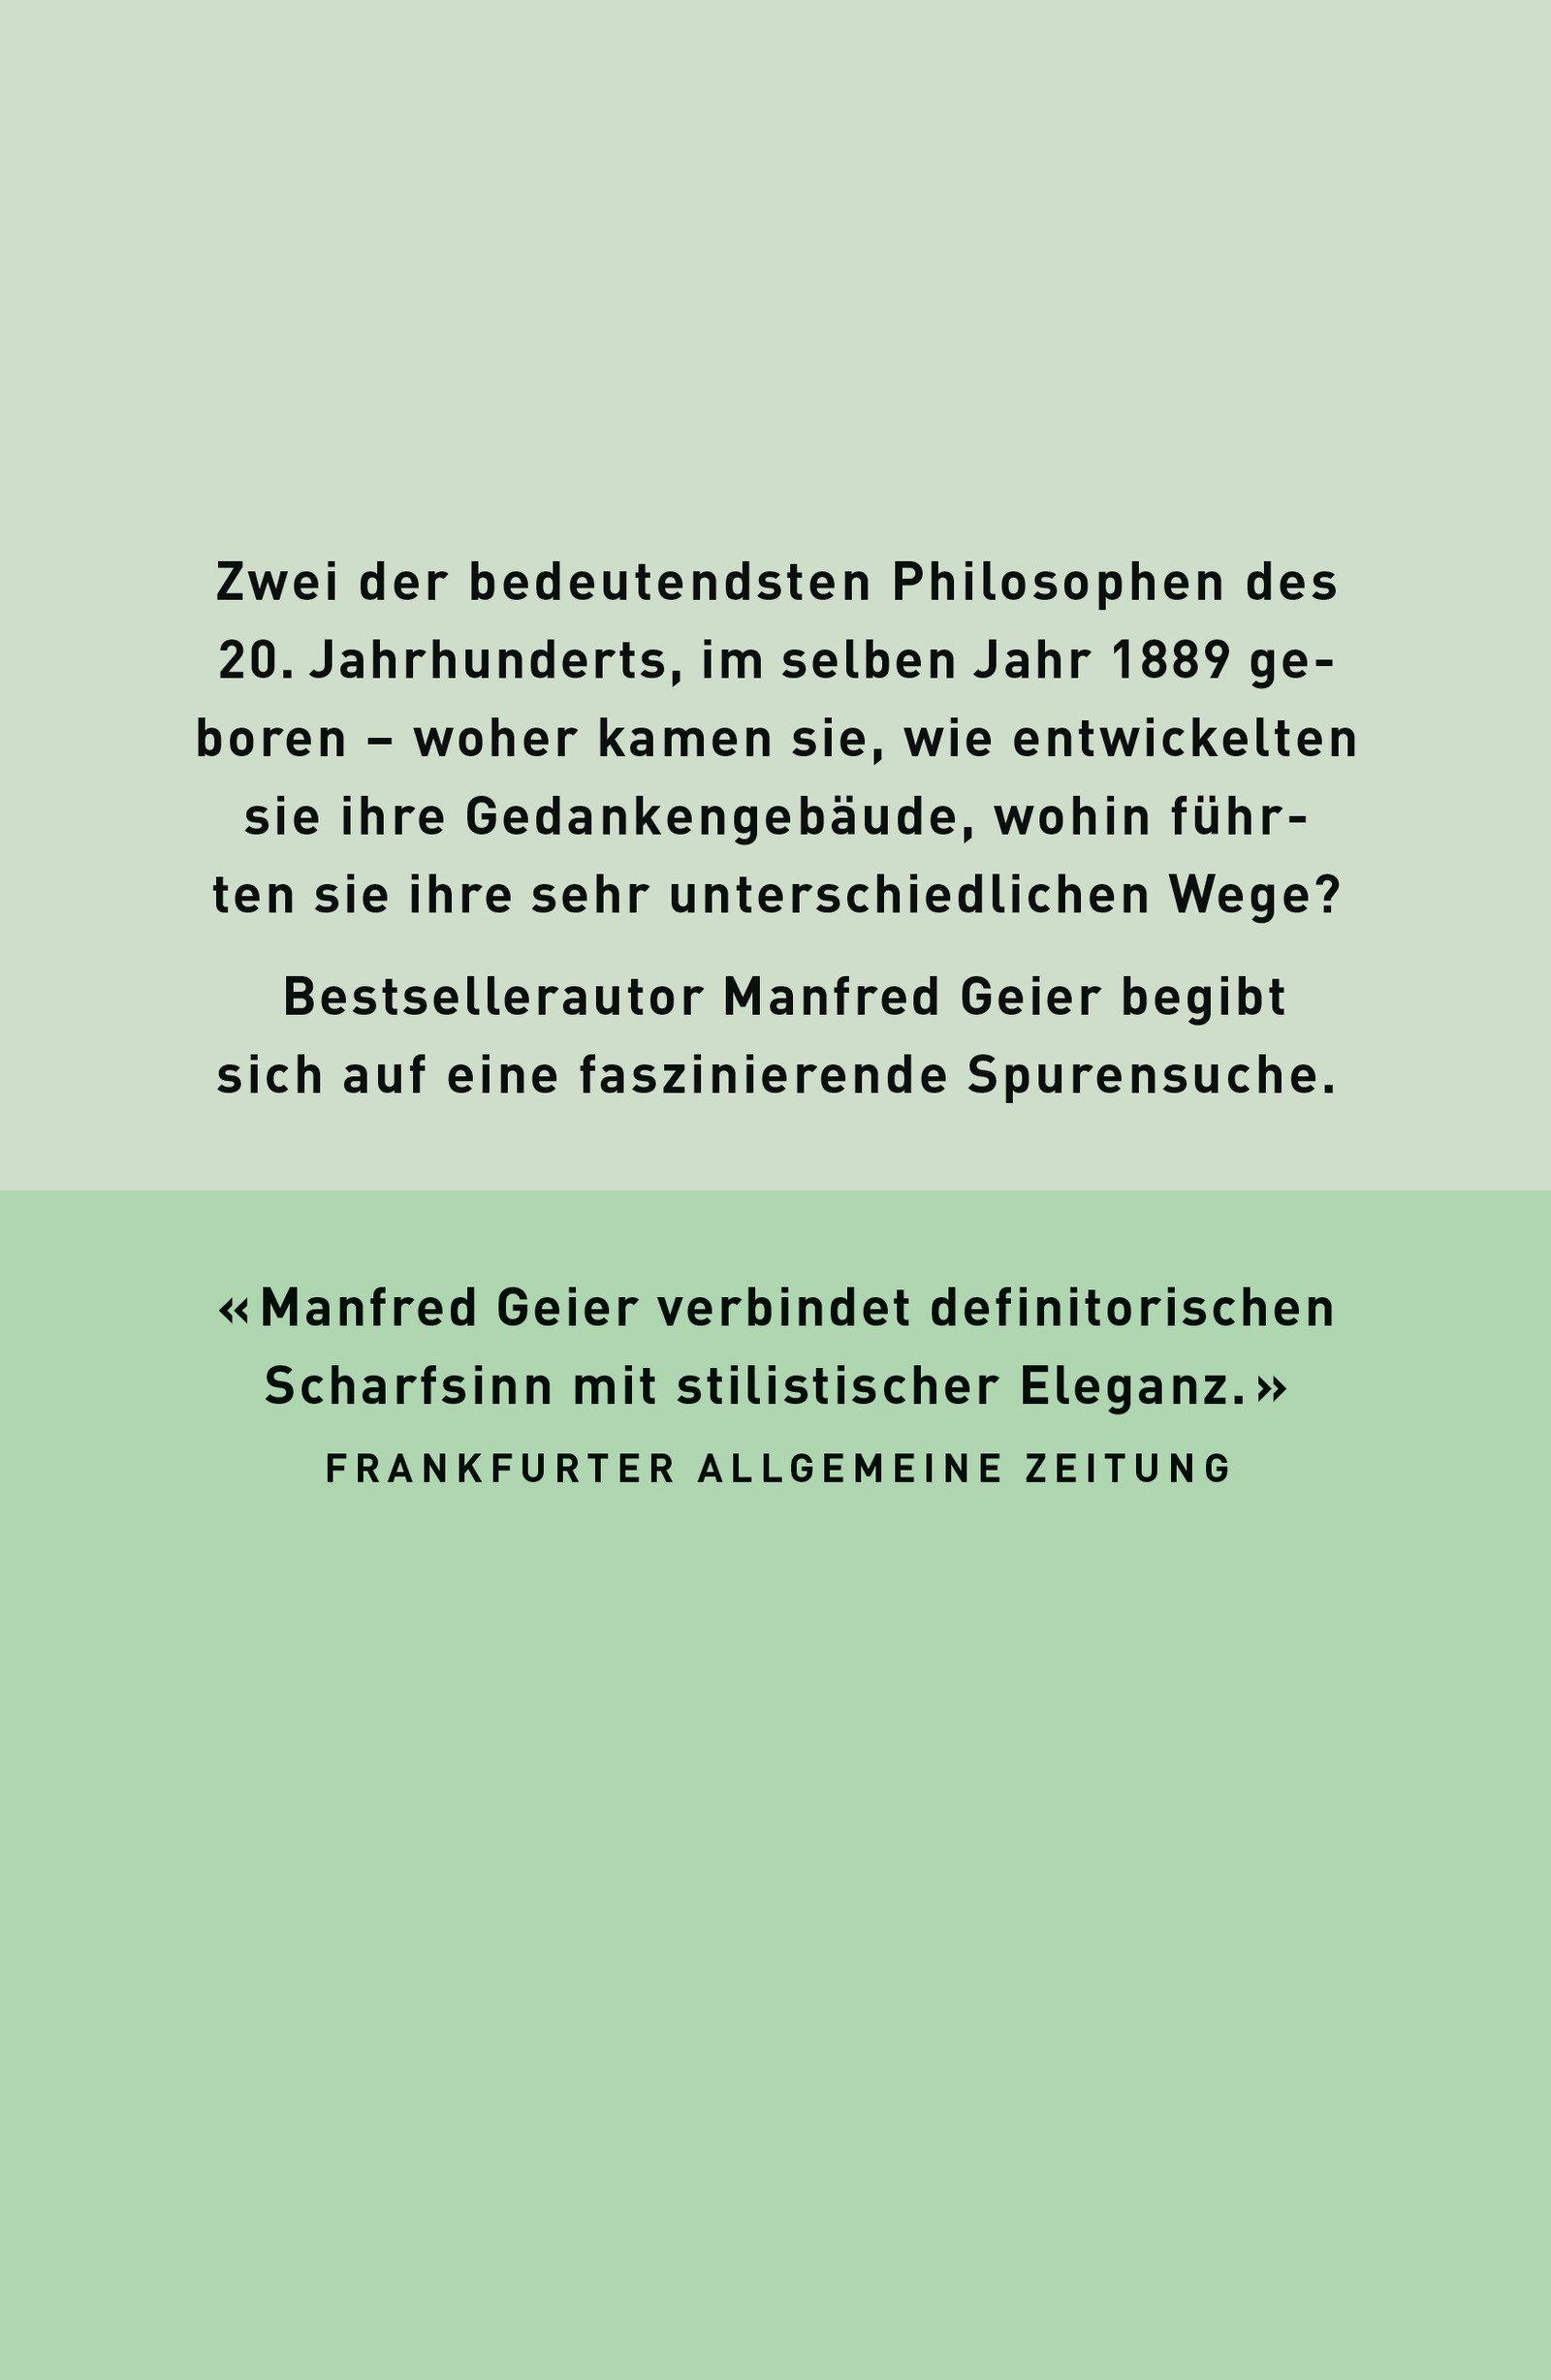 Wittgenstein und Heidegger: Die letzten Philosophen: Amazon.de ...